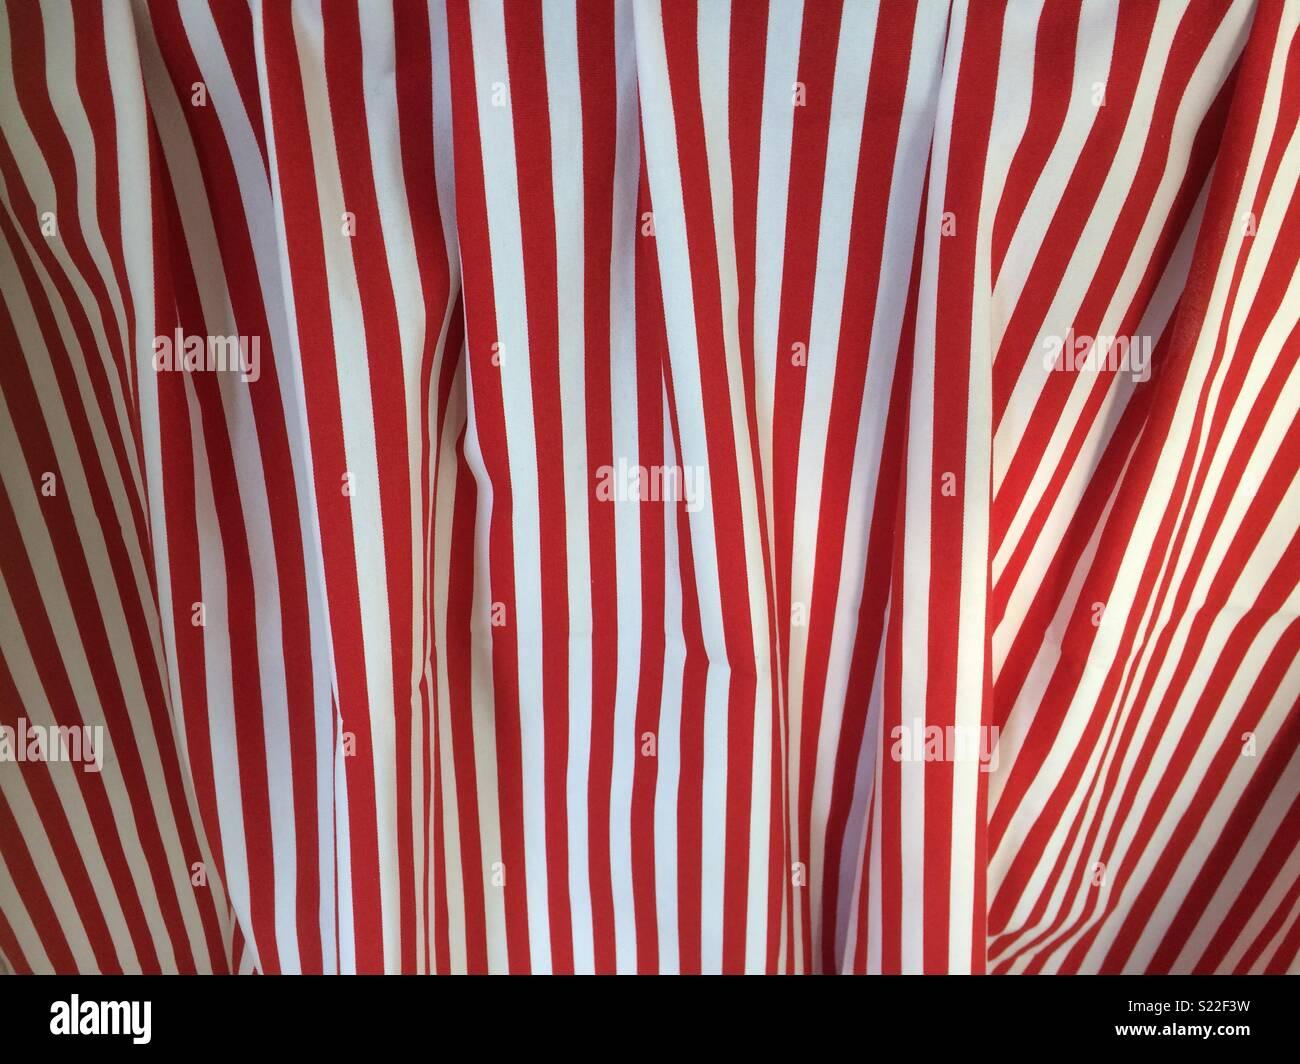 Rosso e bianco tessuto a righe Immagini Stock